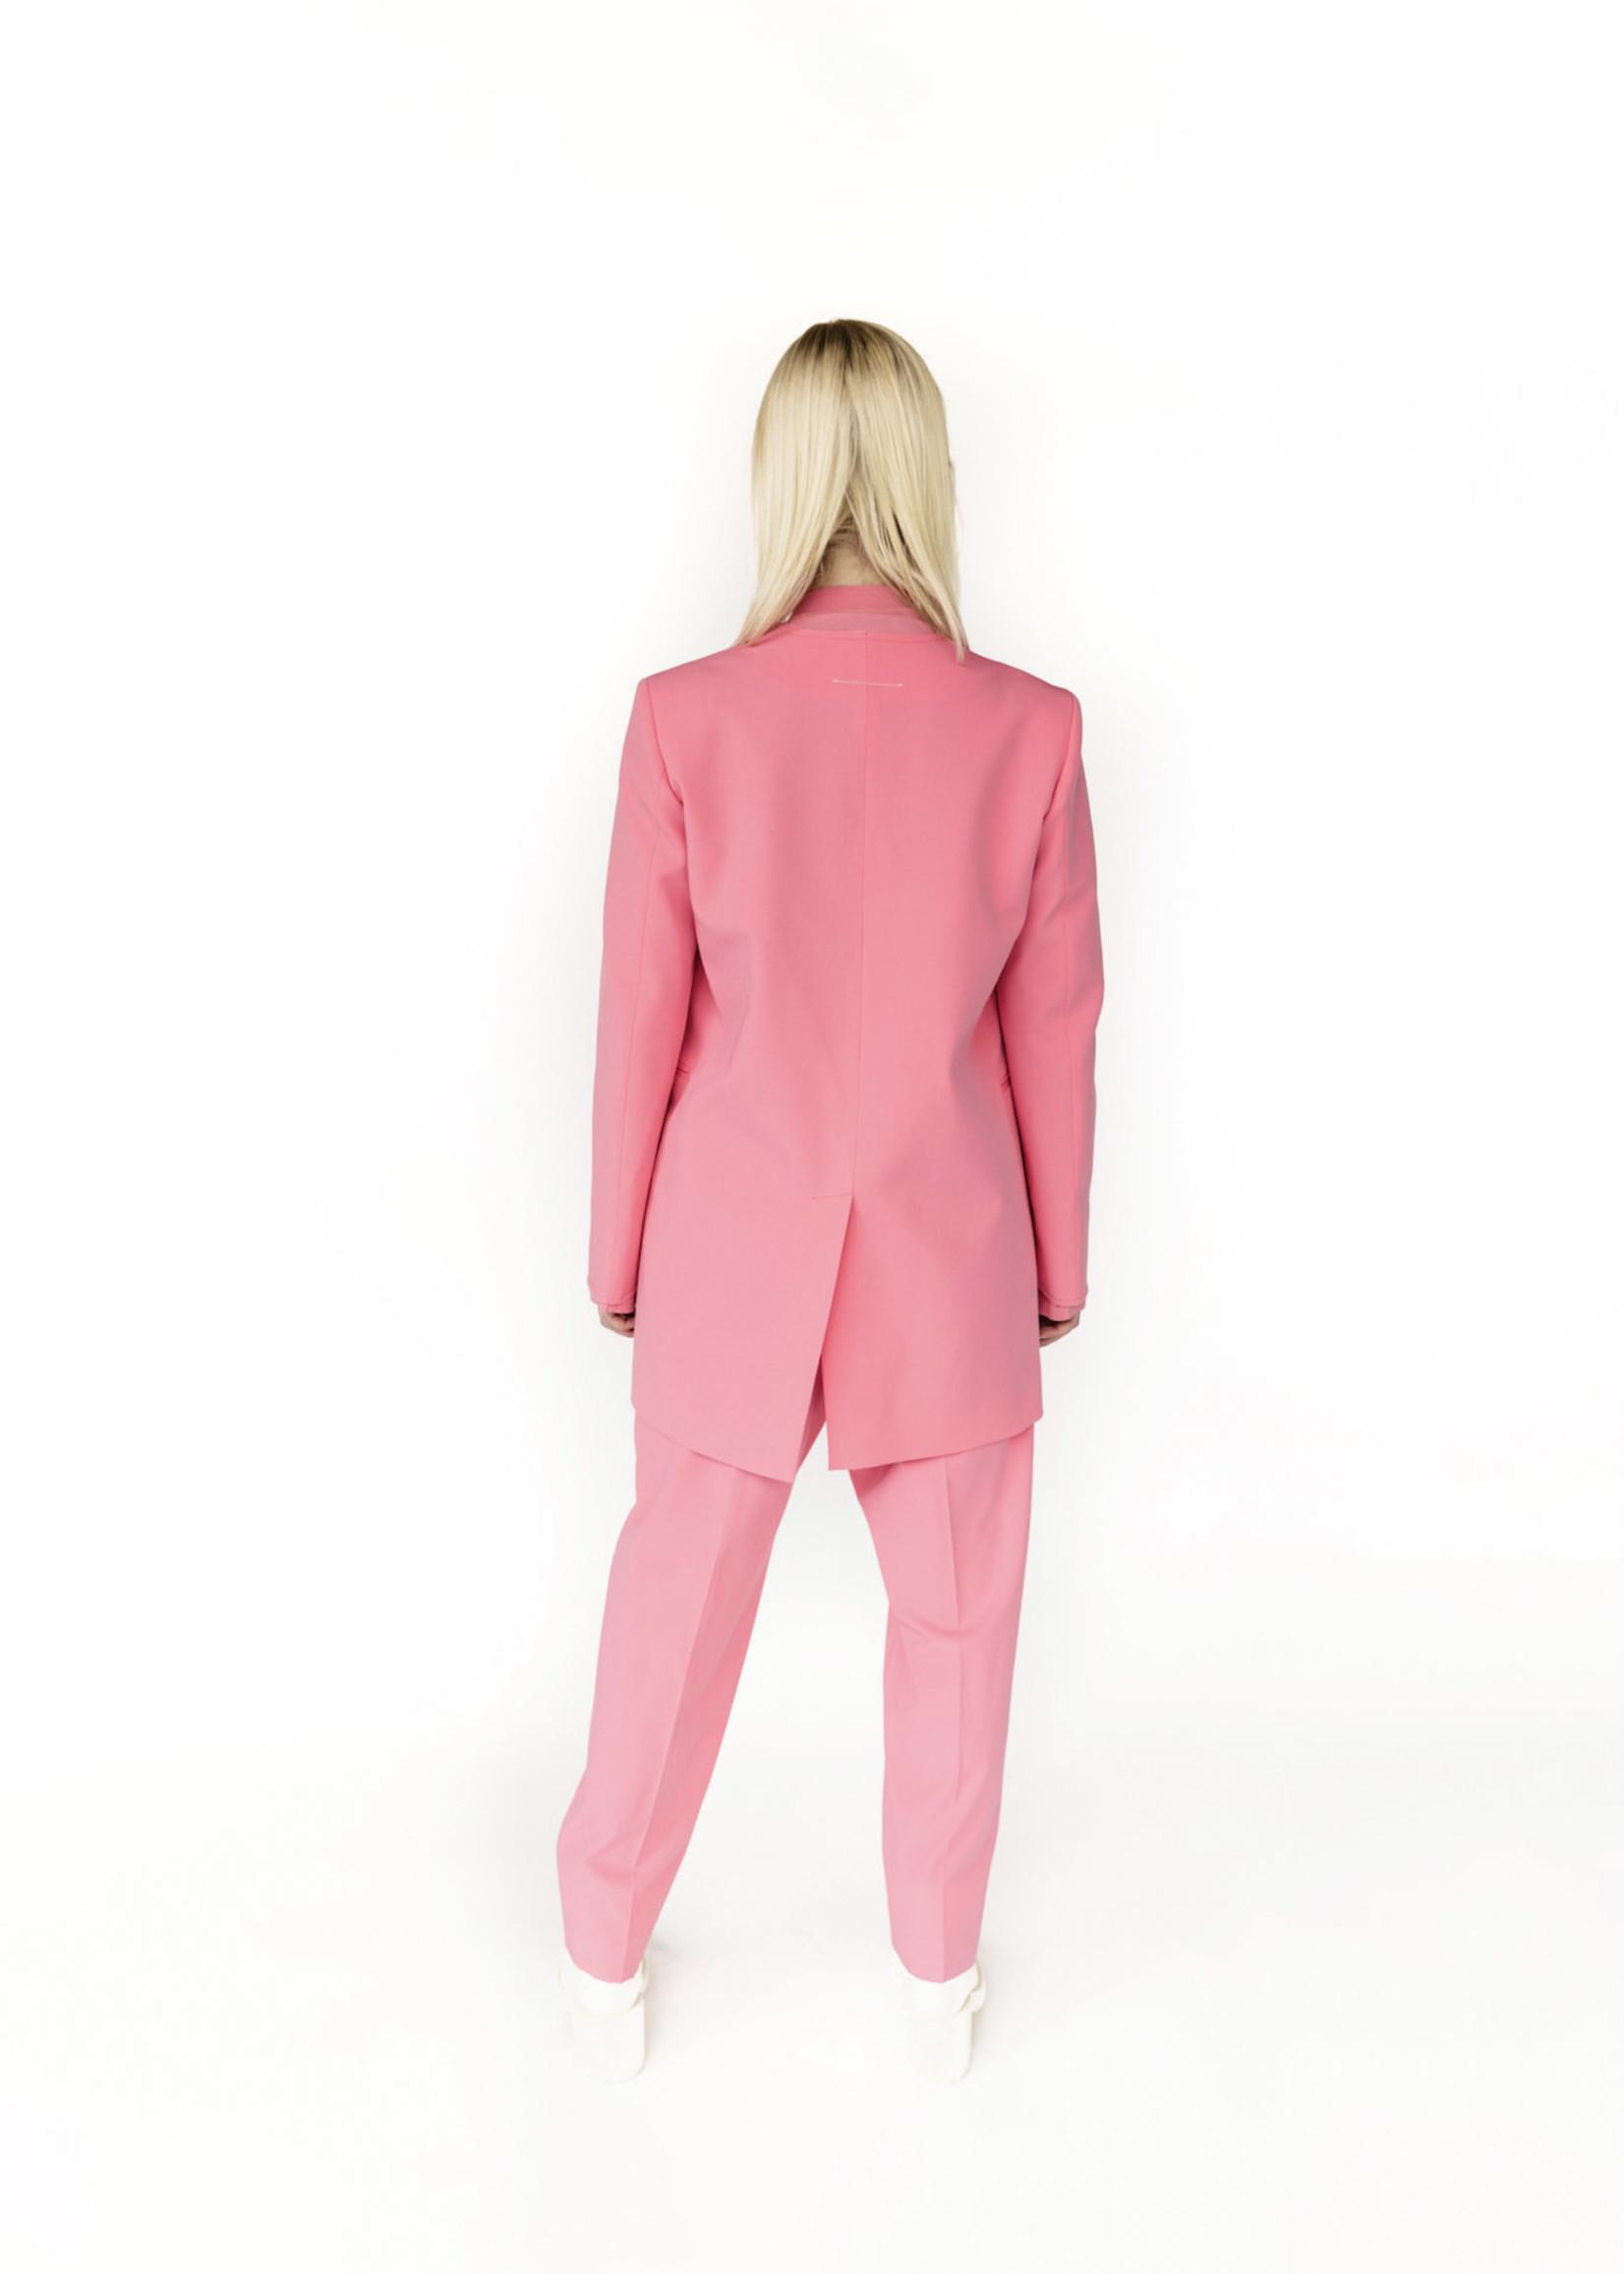 MM6 MAISON MARGIELA Neon Pink Collarless Blazer